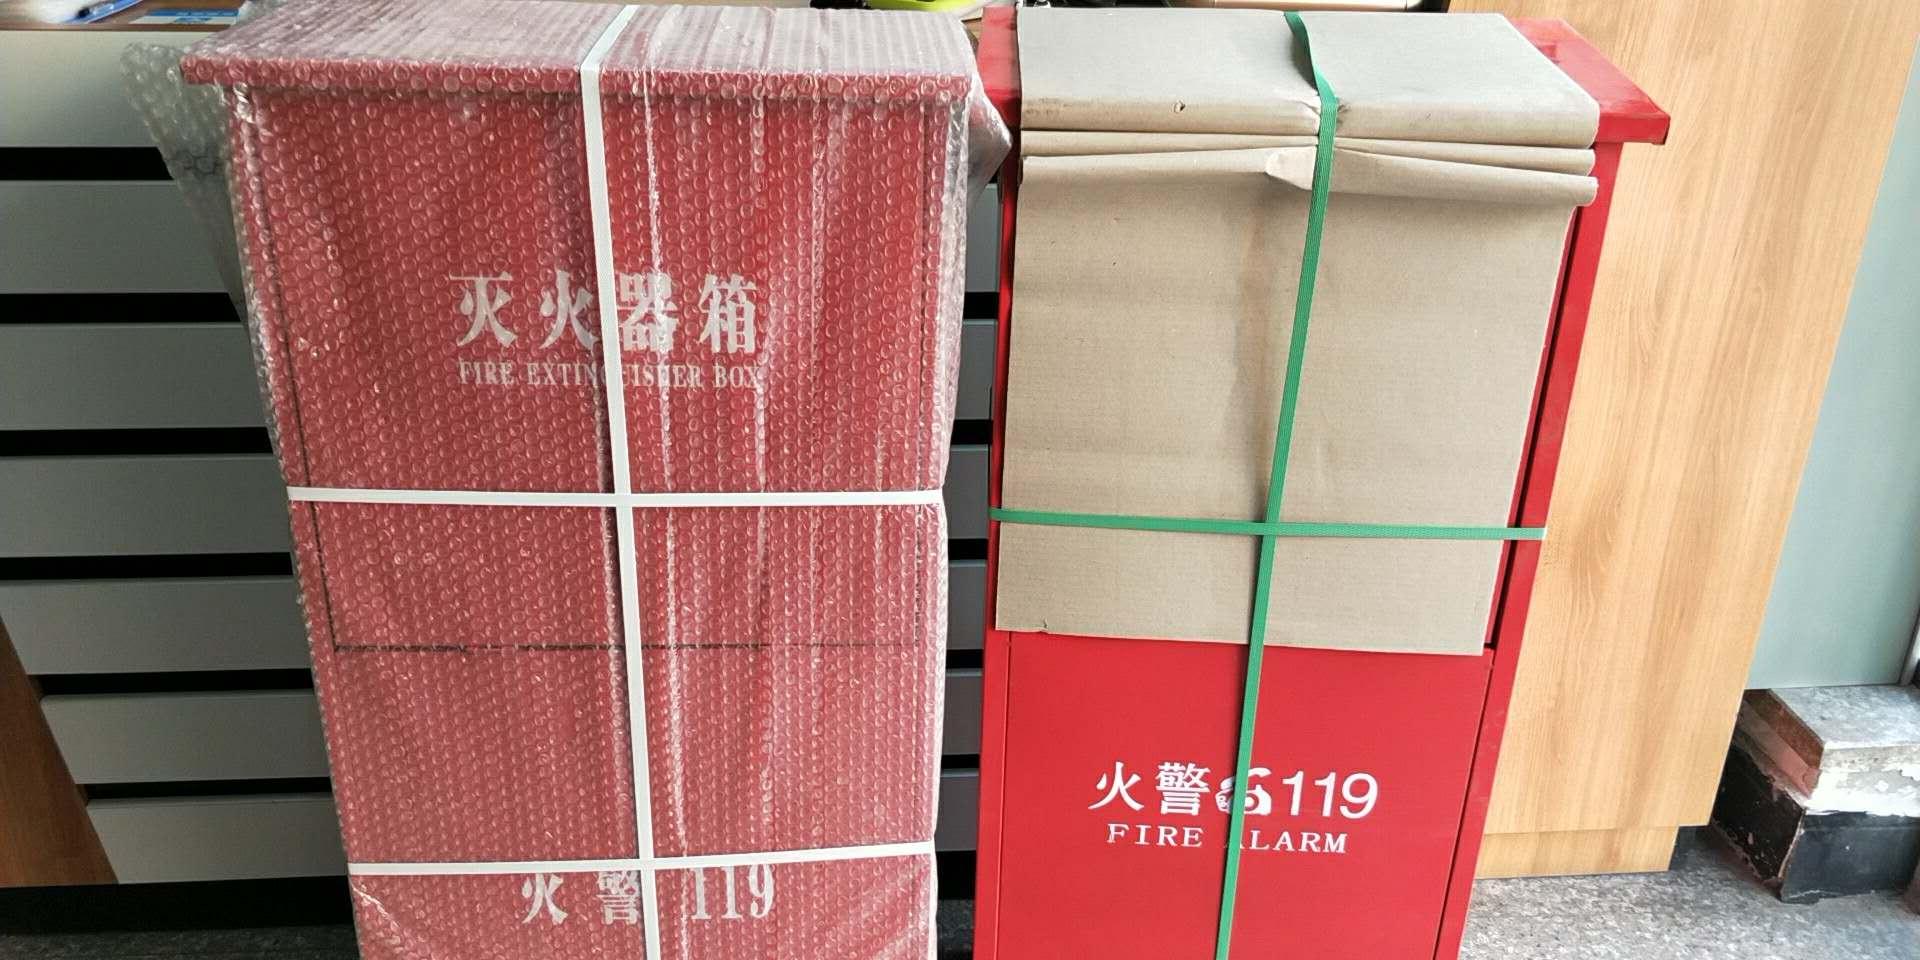 灭火器箱多少钱-沈阳雪山消防器材出售好用的灭火器箱